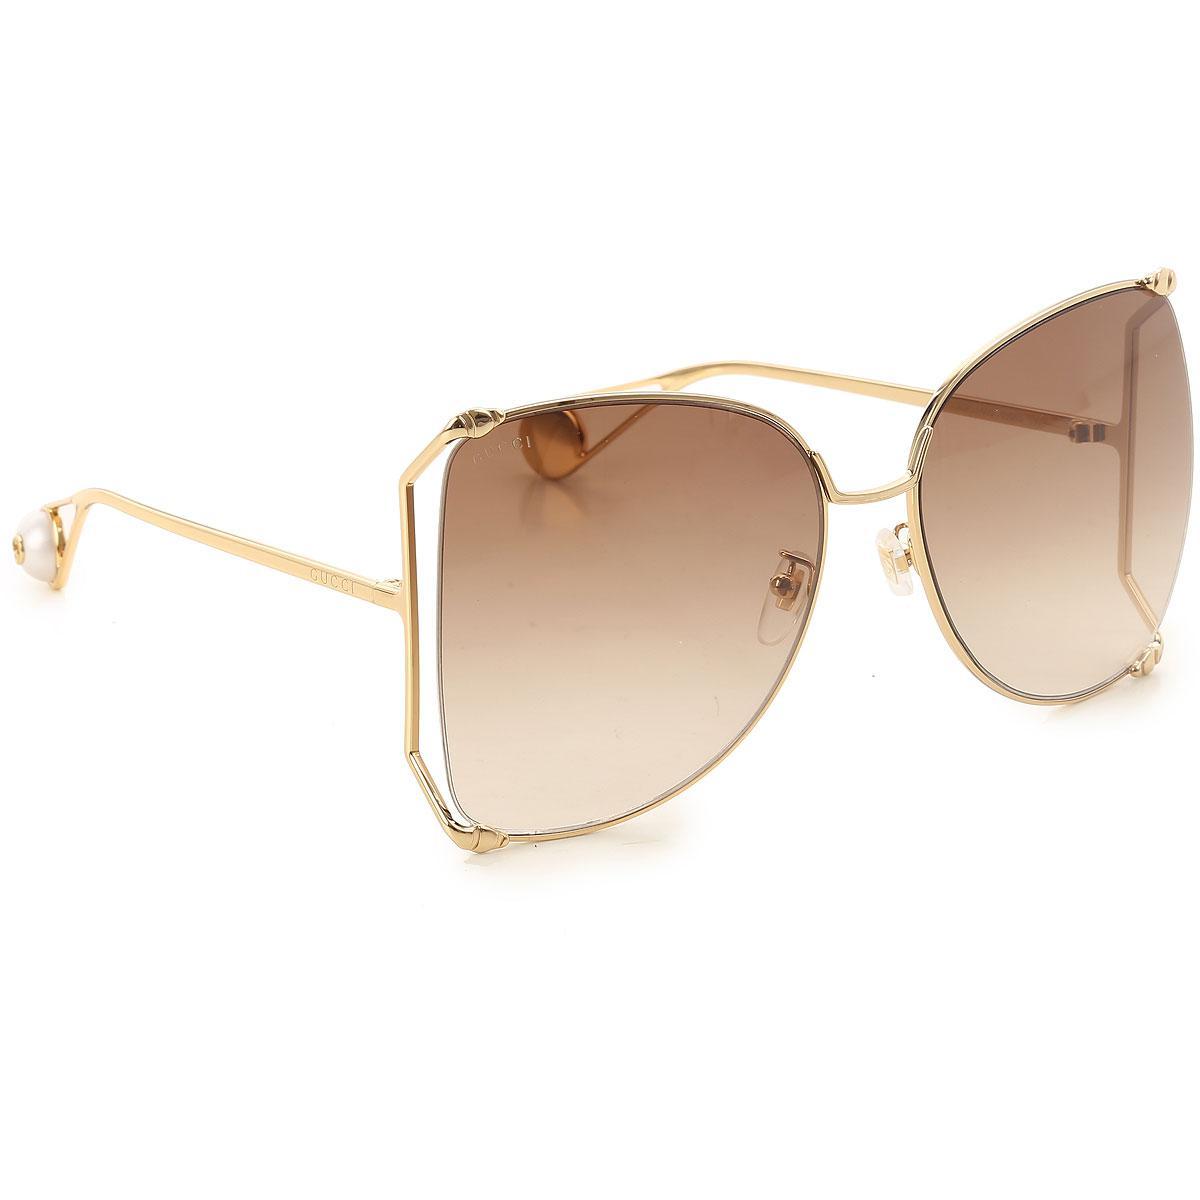 36a532da2c Gucci - Multicolor Gafas y Lentes de Sol Baratos en Rebajas - Lyst. Ver en  pantalla completa